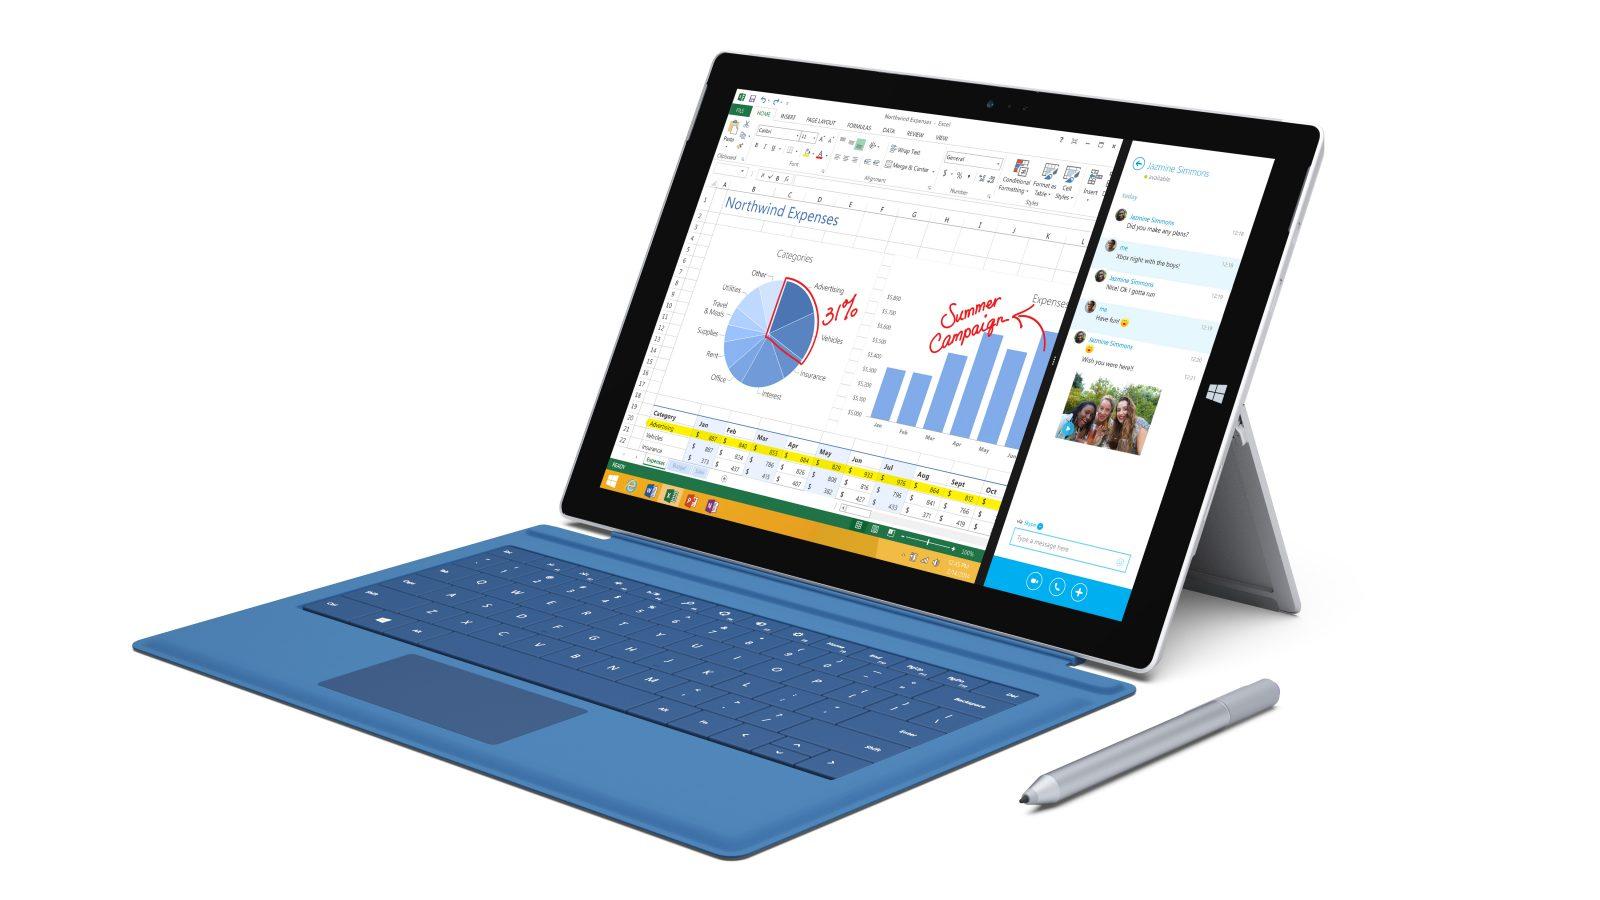 Microsoft unveils Surface Pro 3. Photo courtesy of Microsoft.